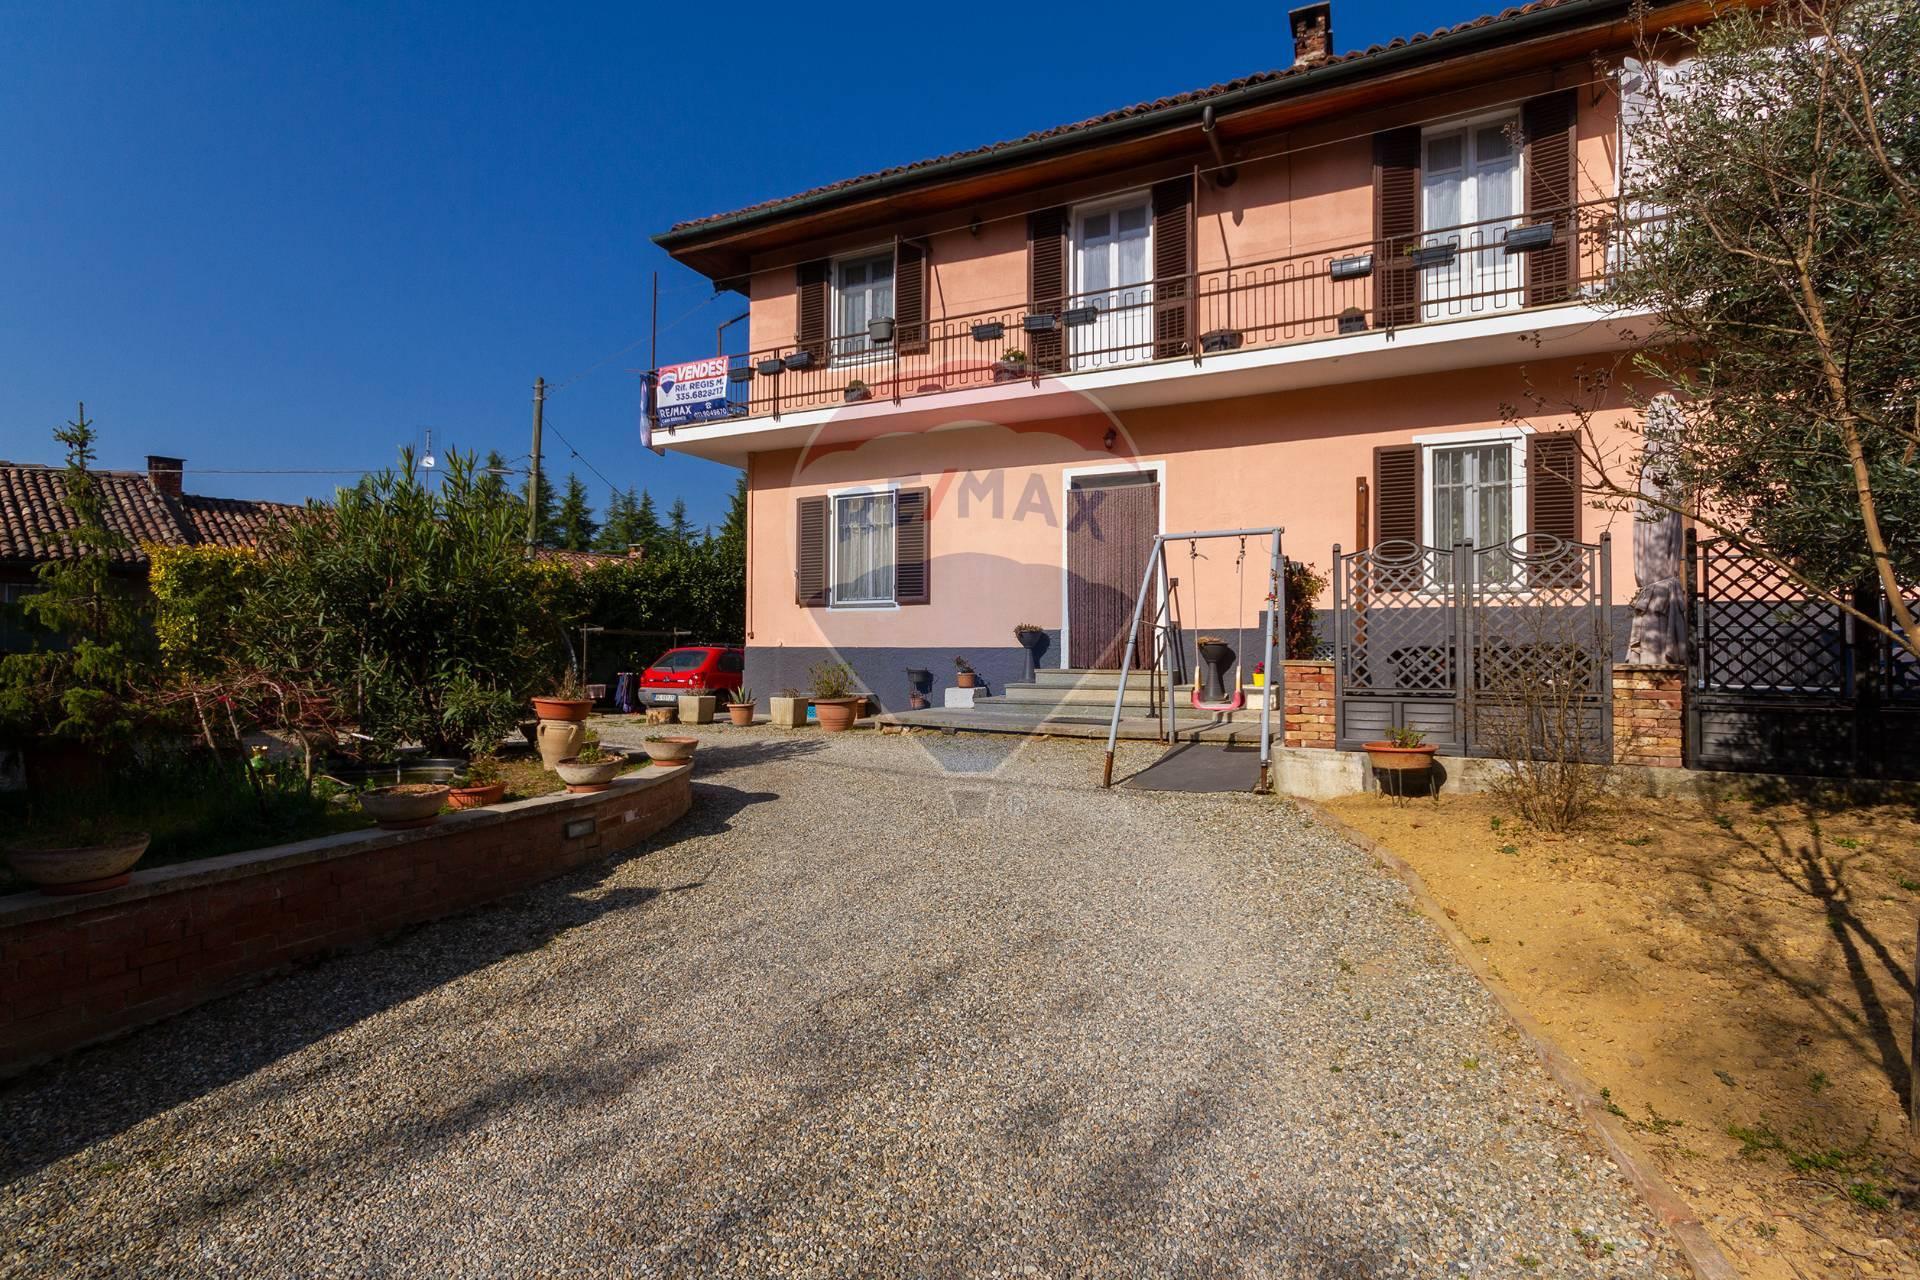 Vendita Casa Indipendente Casa/Villa Arignano 251933